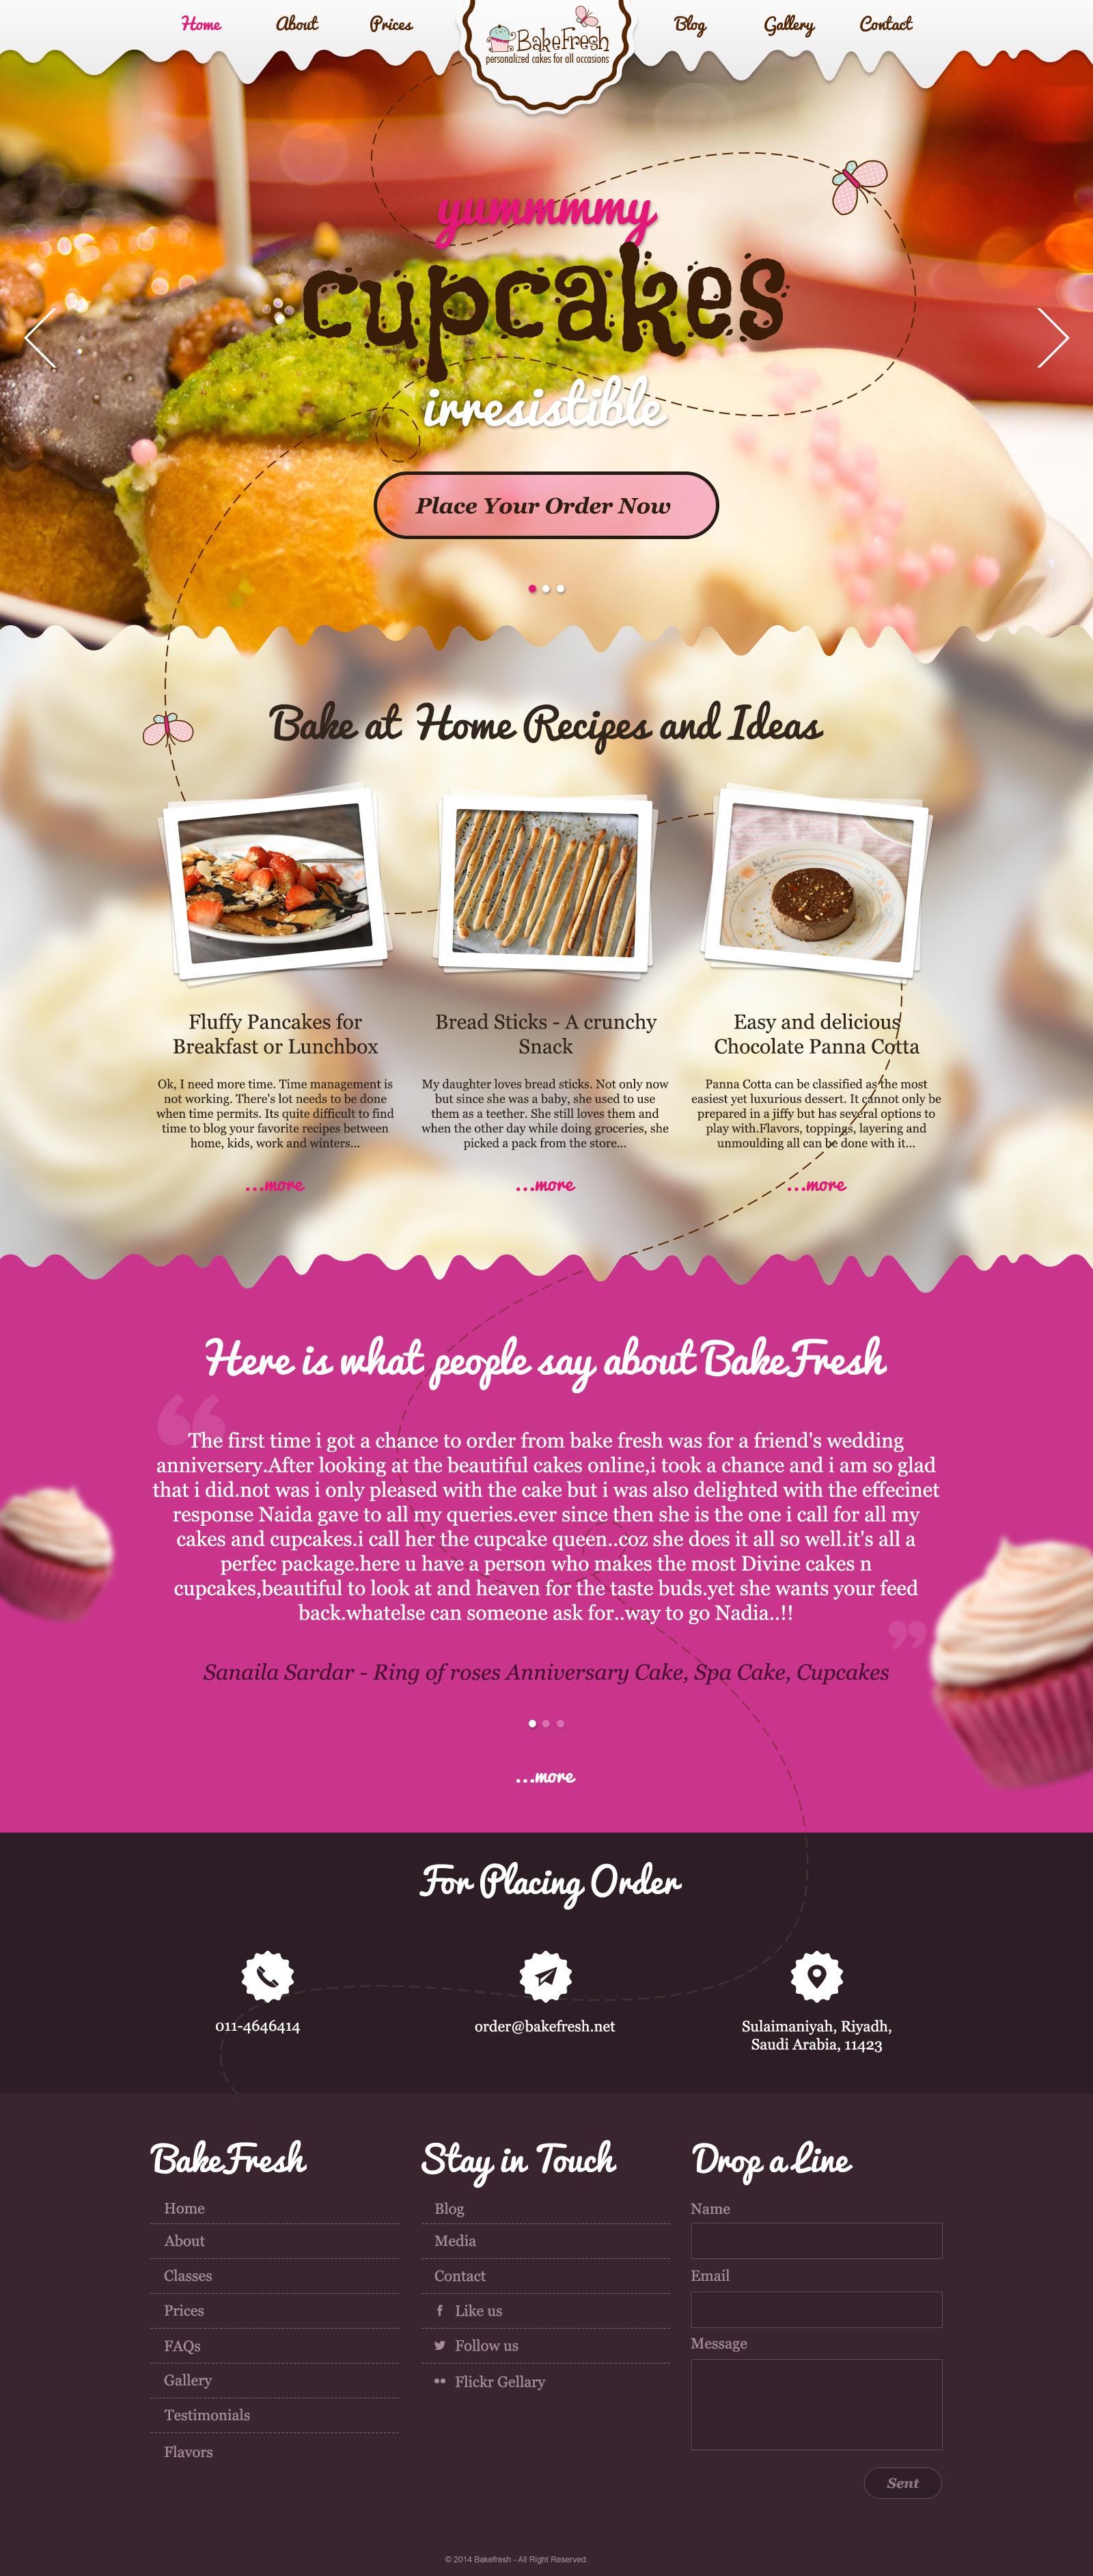 Backfresh website v1